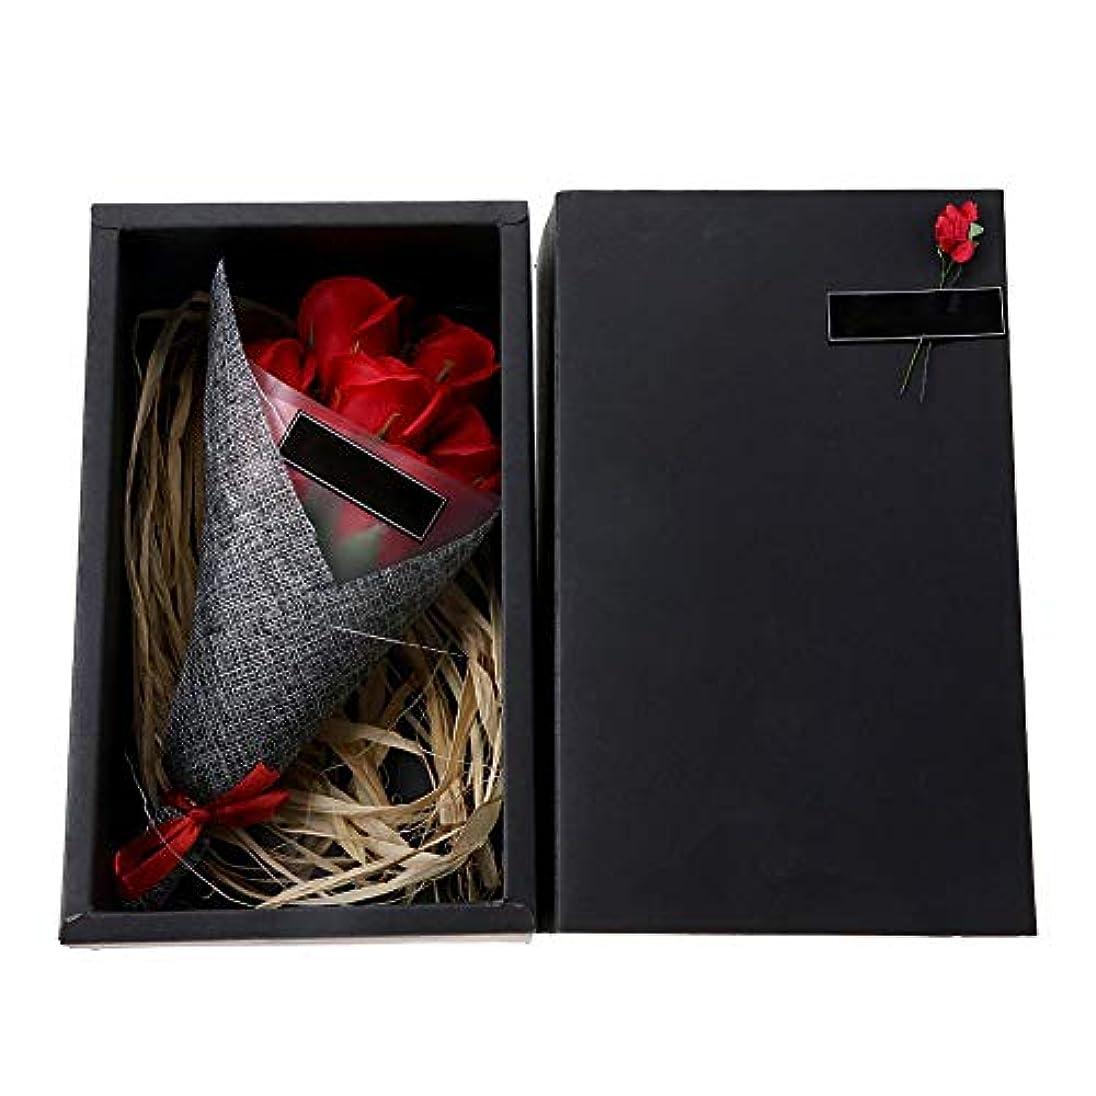 揮発性列挙する遺棄された石鹸の花-フランケンラントソープペタルフラワーフェアリーライトバレンタイン母の日のための部屋の装飾ギフト(赤いバラ)